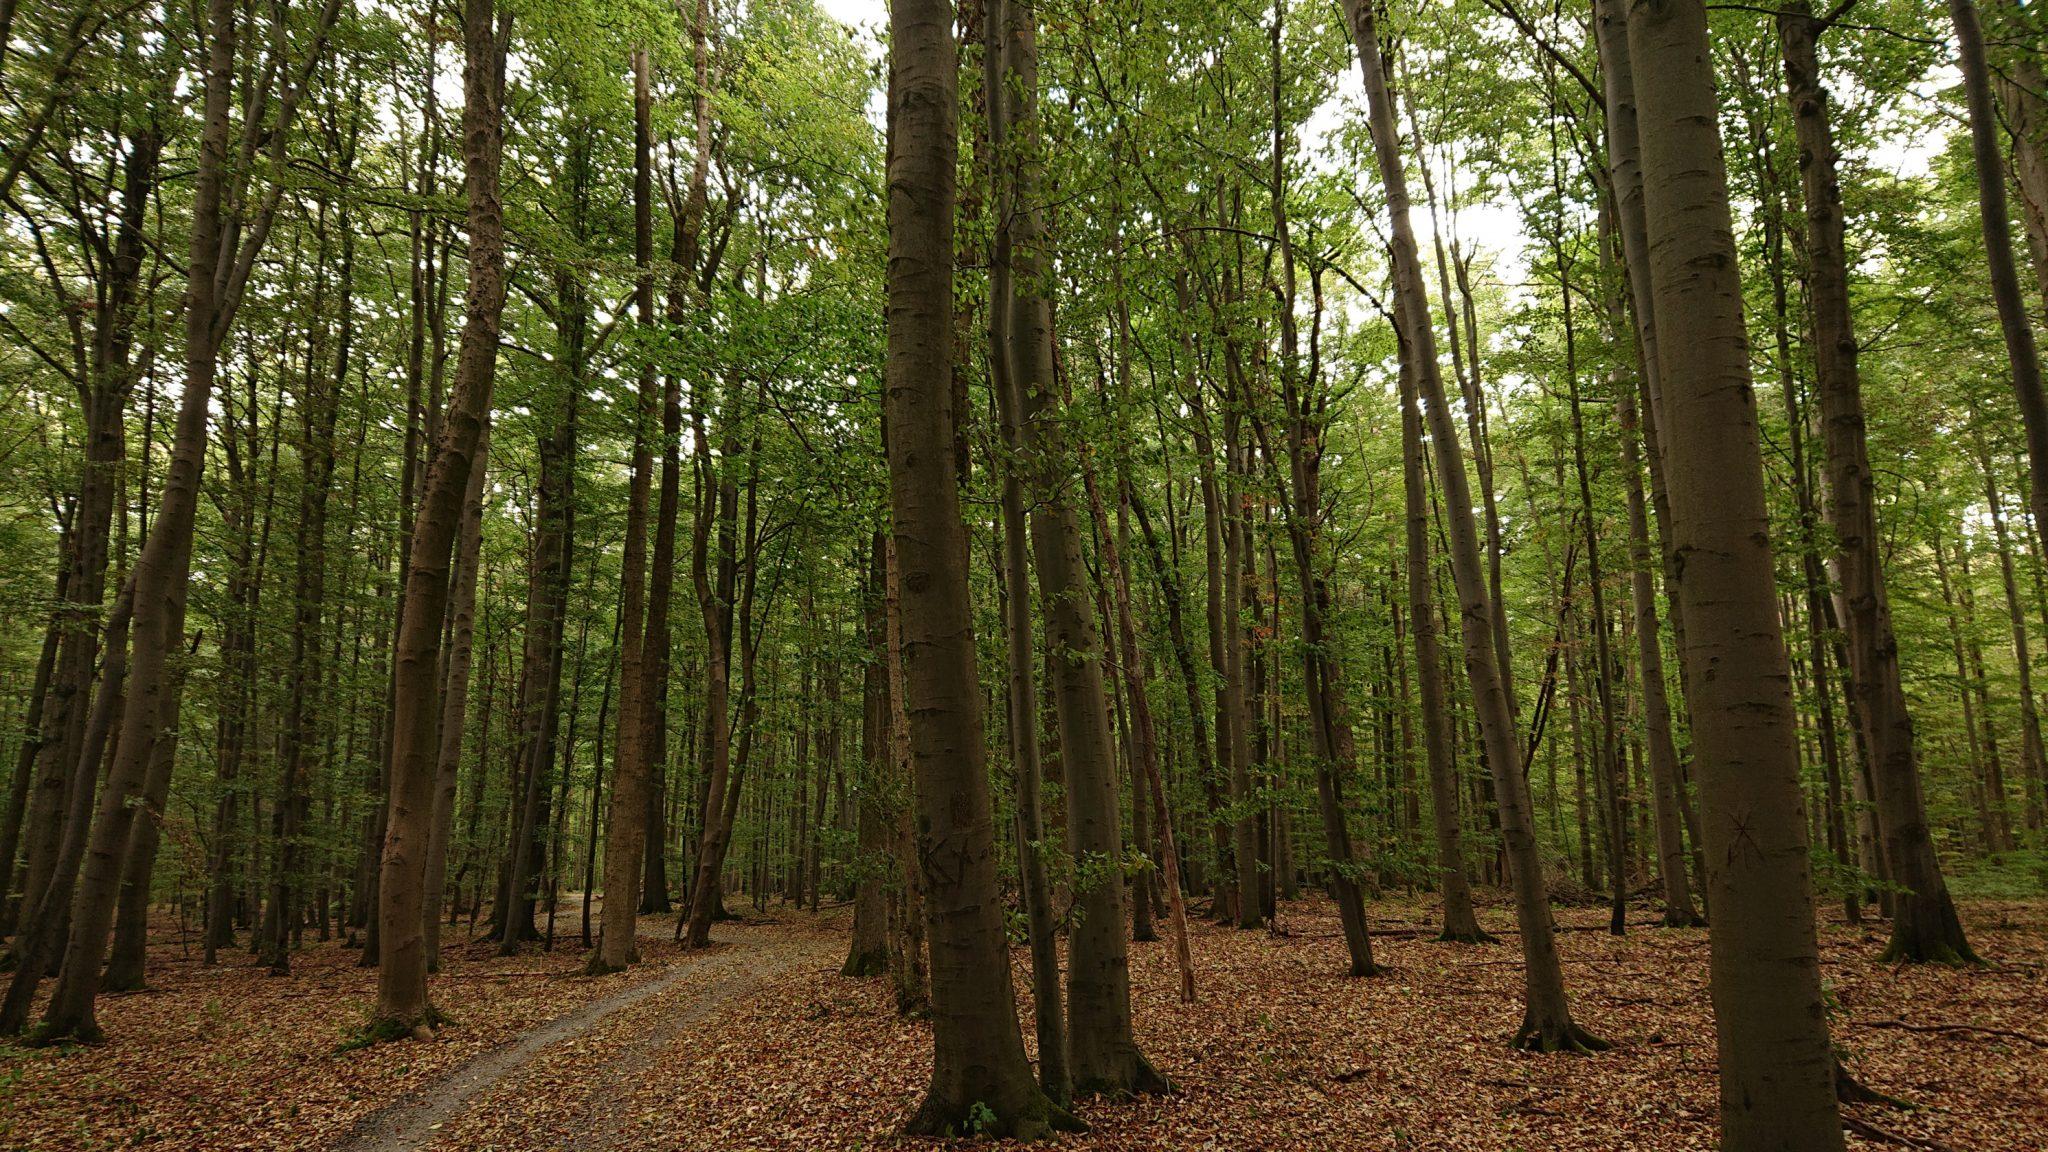 Nationalpark Hainich Saugrabenweg und Betteleichenweg wandern, dichter, ursprünglicher Buchenwald, tolle Atmosphäre, sehr schmaler Pfad